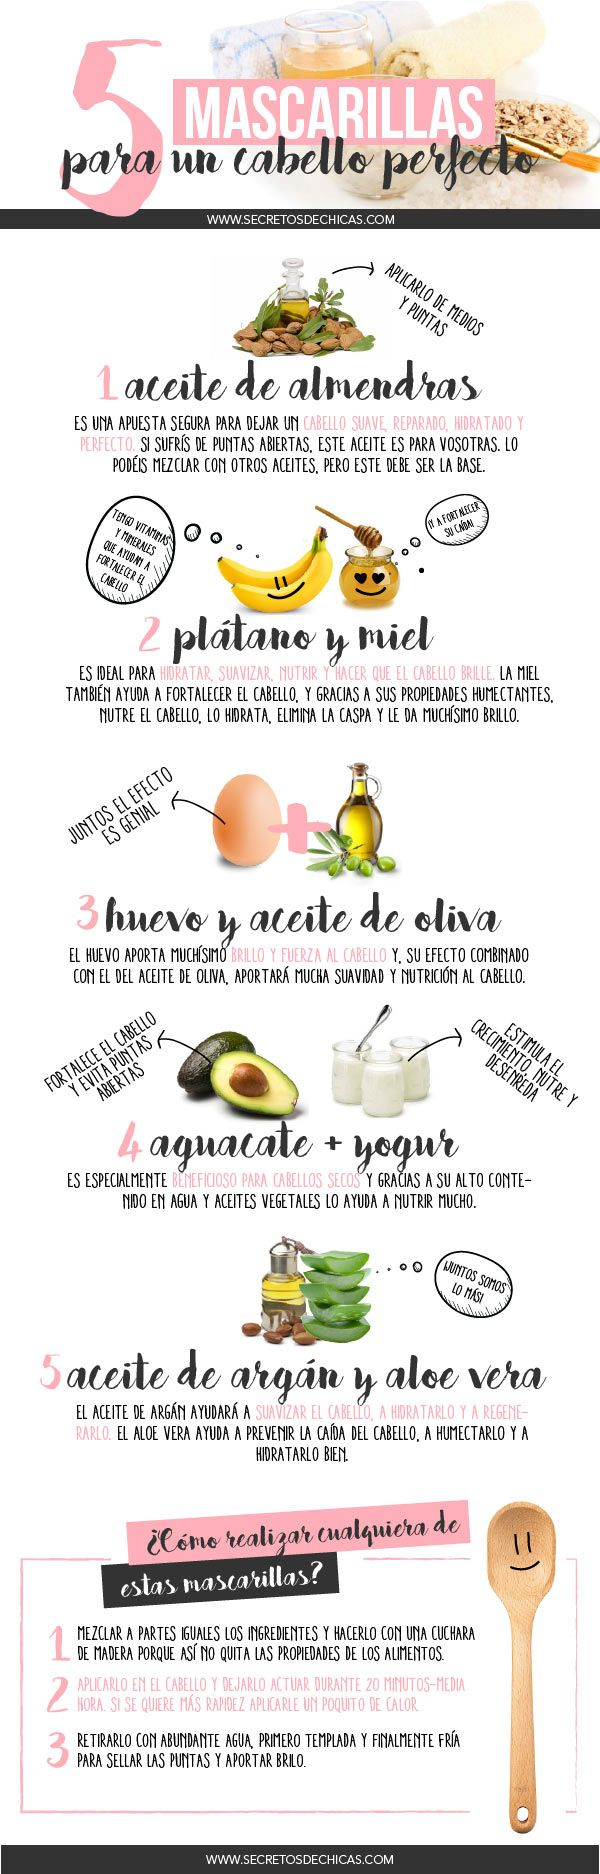 5 MASCARILLAS PARA UN CABELLO PERFECTO - Secretos de Chicas by Patry Jordan